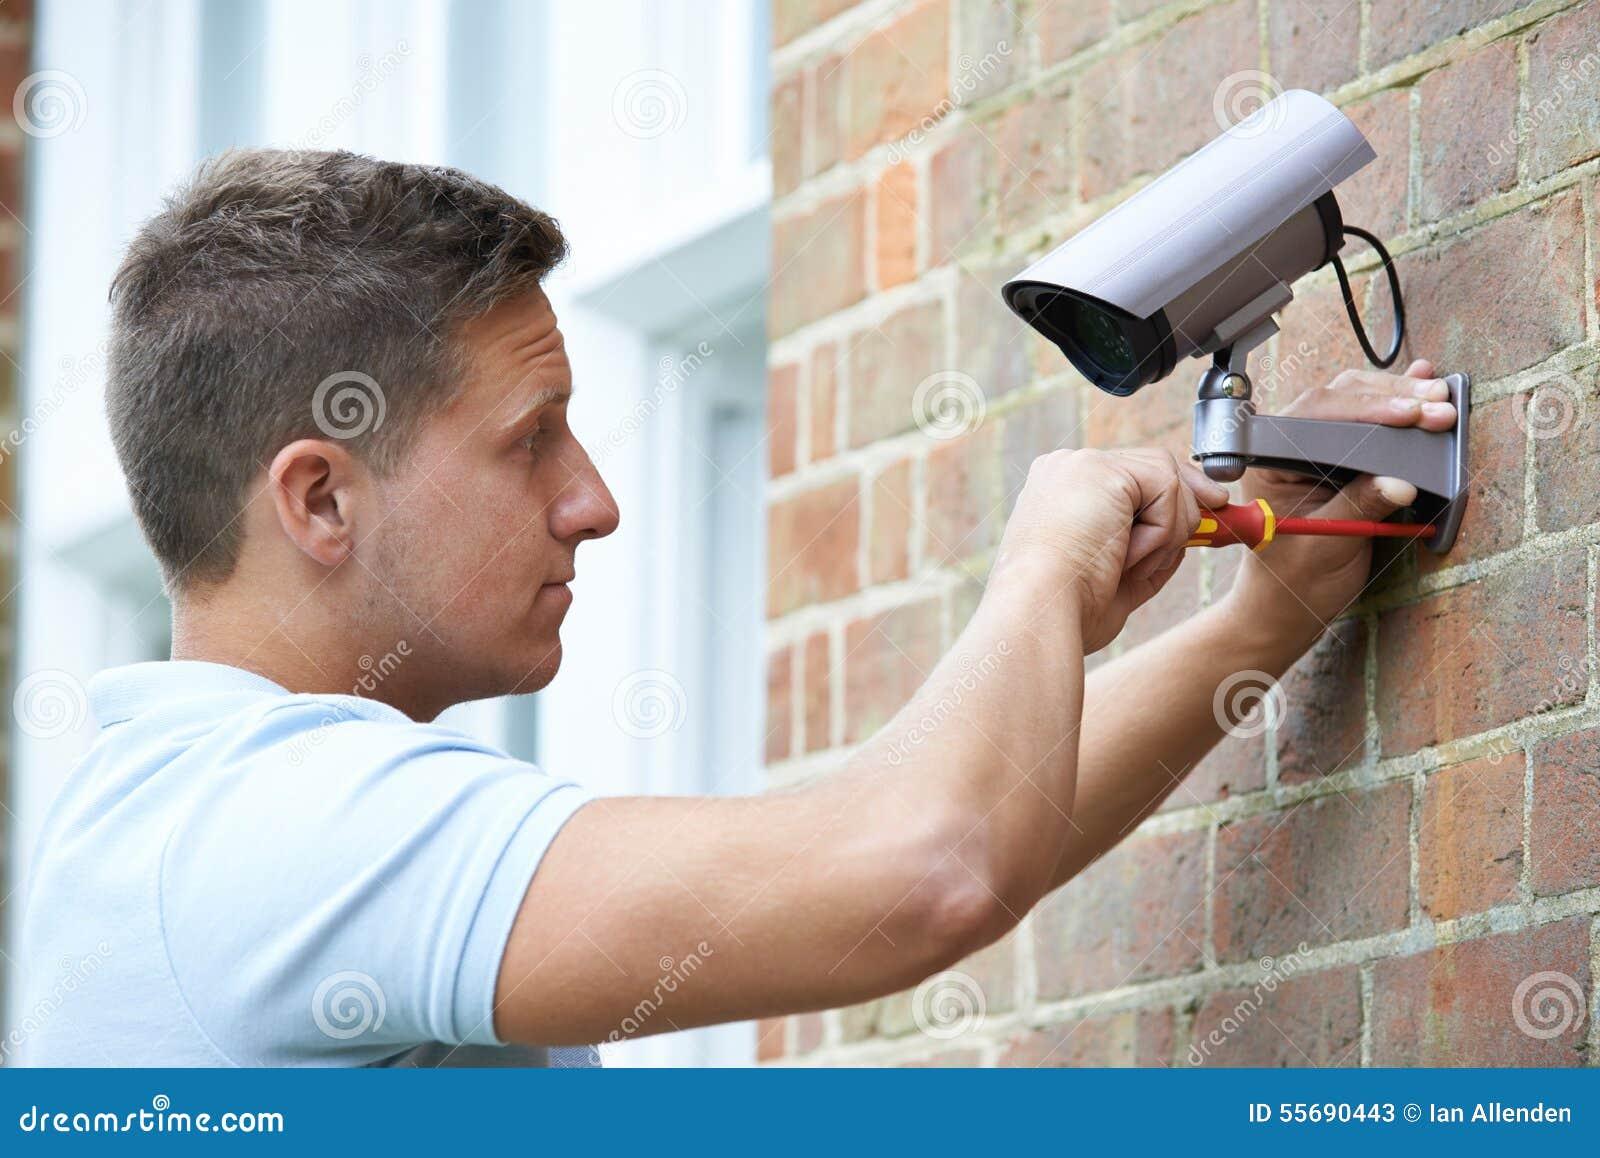 Камера слежения консультанта по вопросам безопасности подходящая для того чтобы расквартировать стену